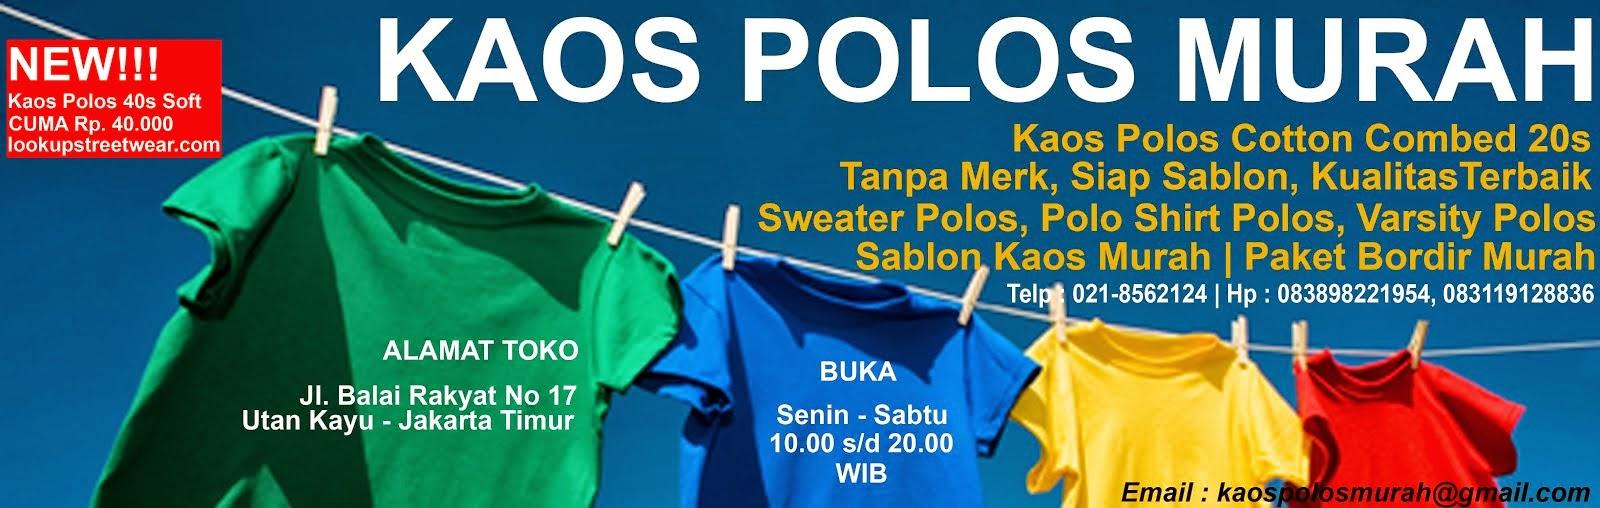 Kpm Kaos Polos Murah Supplier Combed Sablon Size L Cotton Lengan Panjang 20s